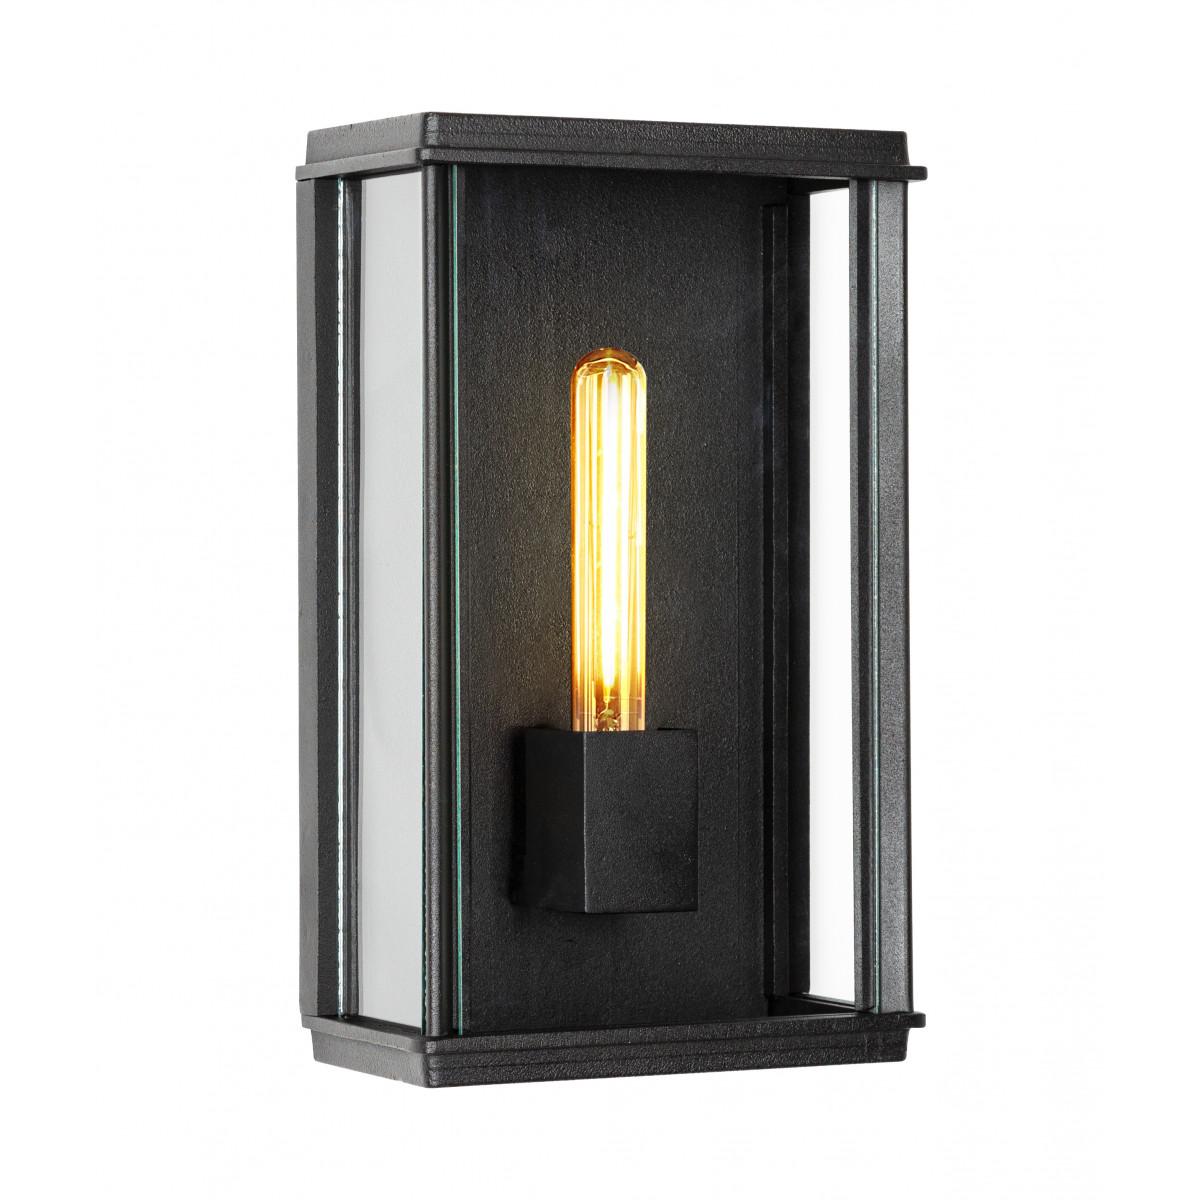 Buitenlamp Capital XL plat exclusieve buitenverlichting strak klassiek van KS Verlichting met de hand vervaardigde wandverlichting van hoge kwaliteit